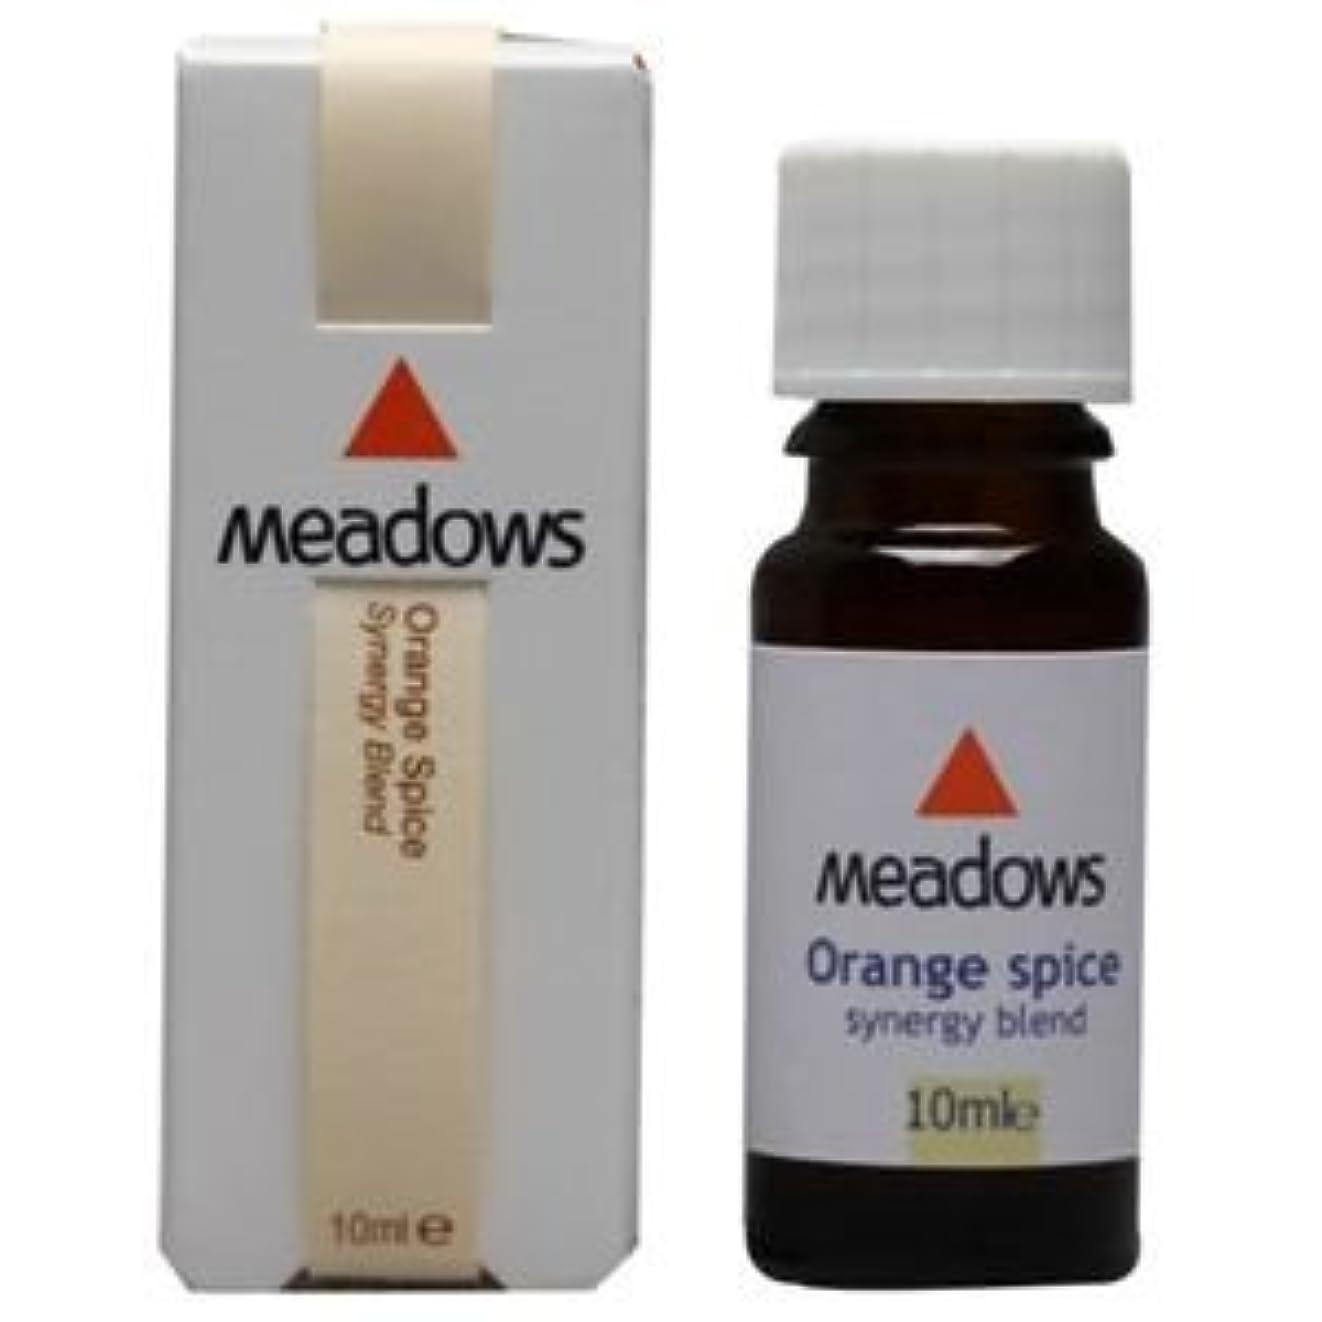 もしのり平方メドウズ オレンジスパイス 10ml アロマエッセンス